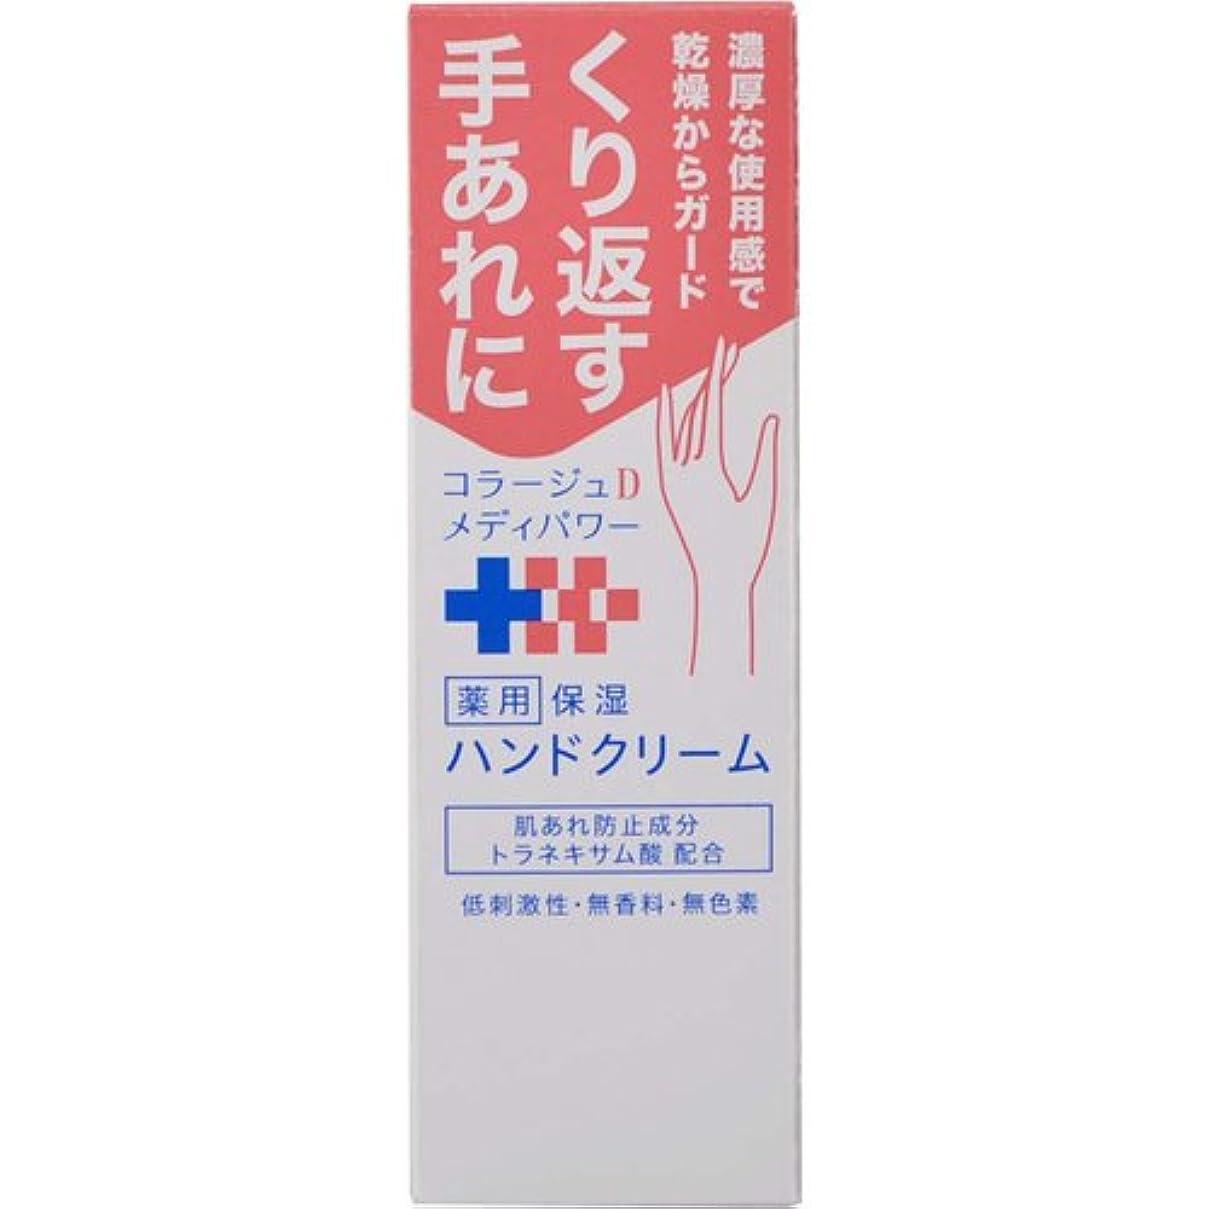 戦術エスカレート冷笑するコラージュ D メディパワー 保湿ハンドクリーム 30g 【医薬部外品】